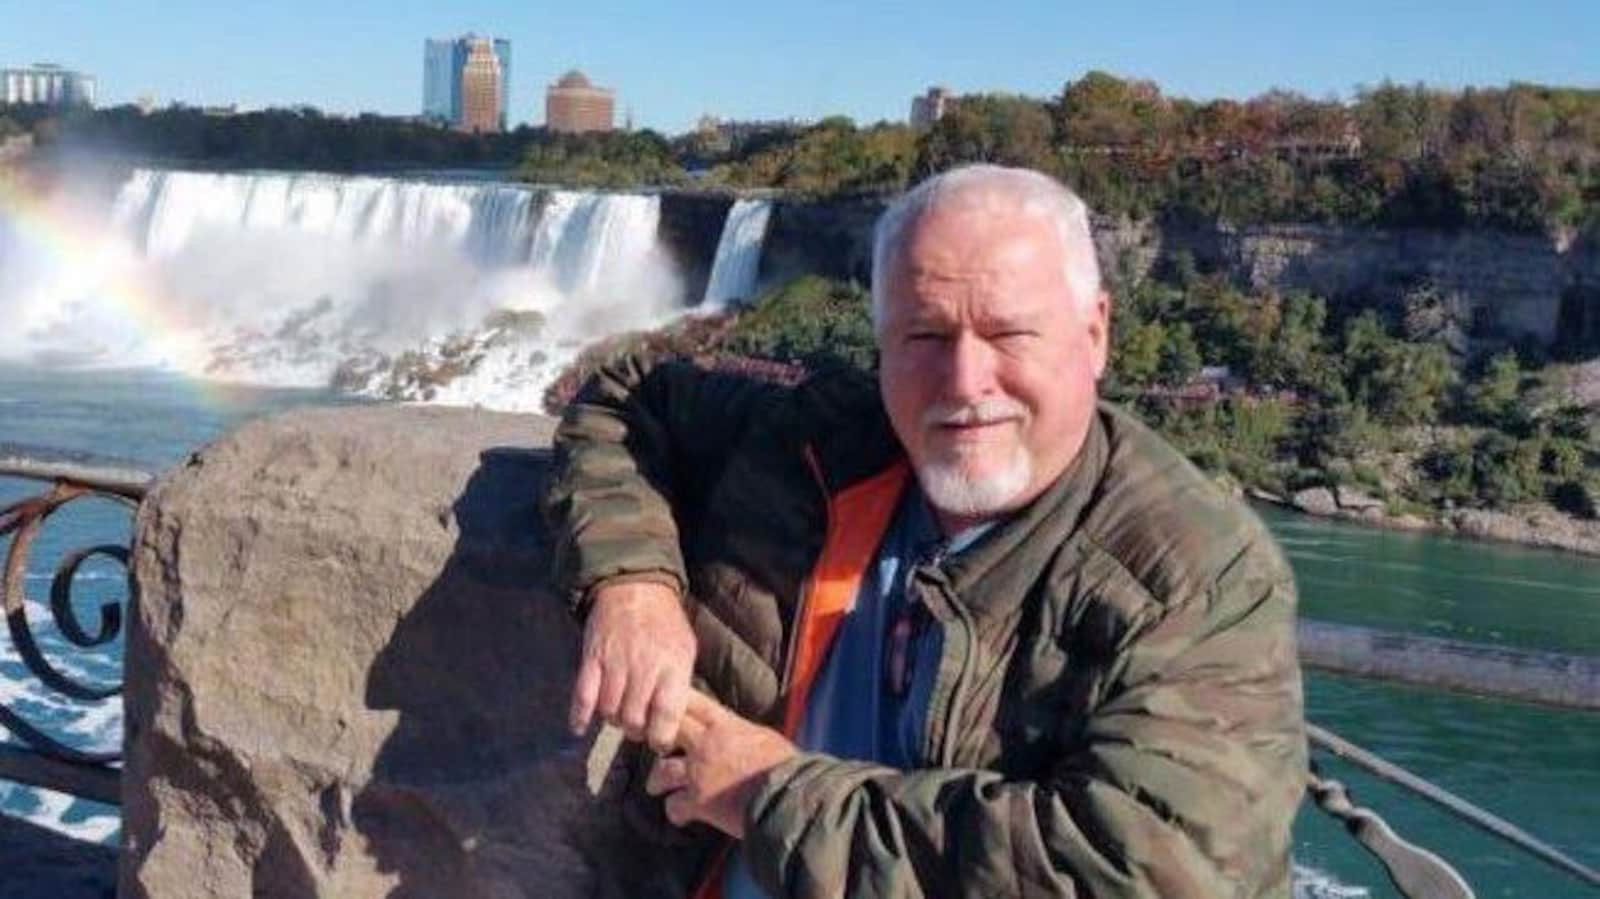 Bruce McArthur portant une veste, accoté sur le rempart de la promenade des chutes Niagara.